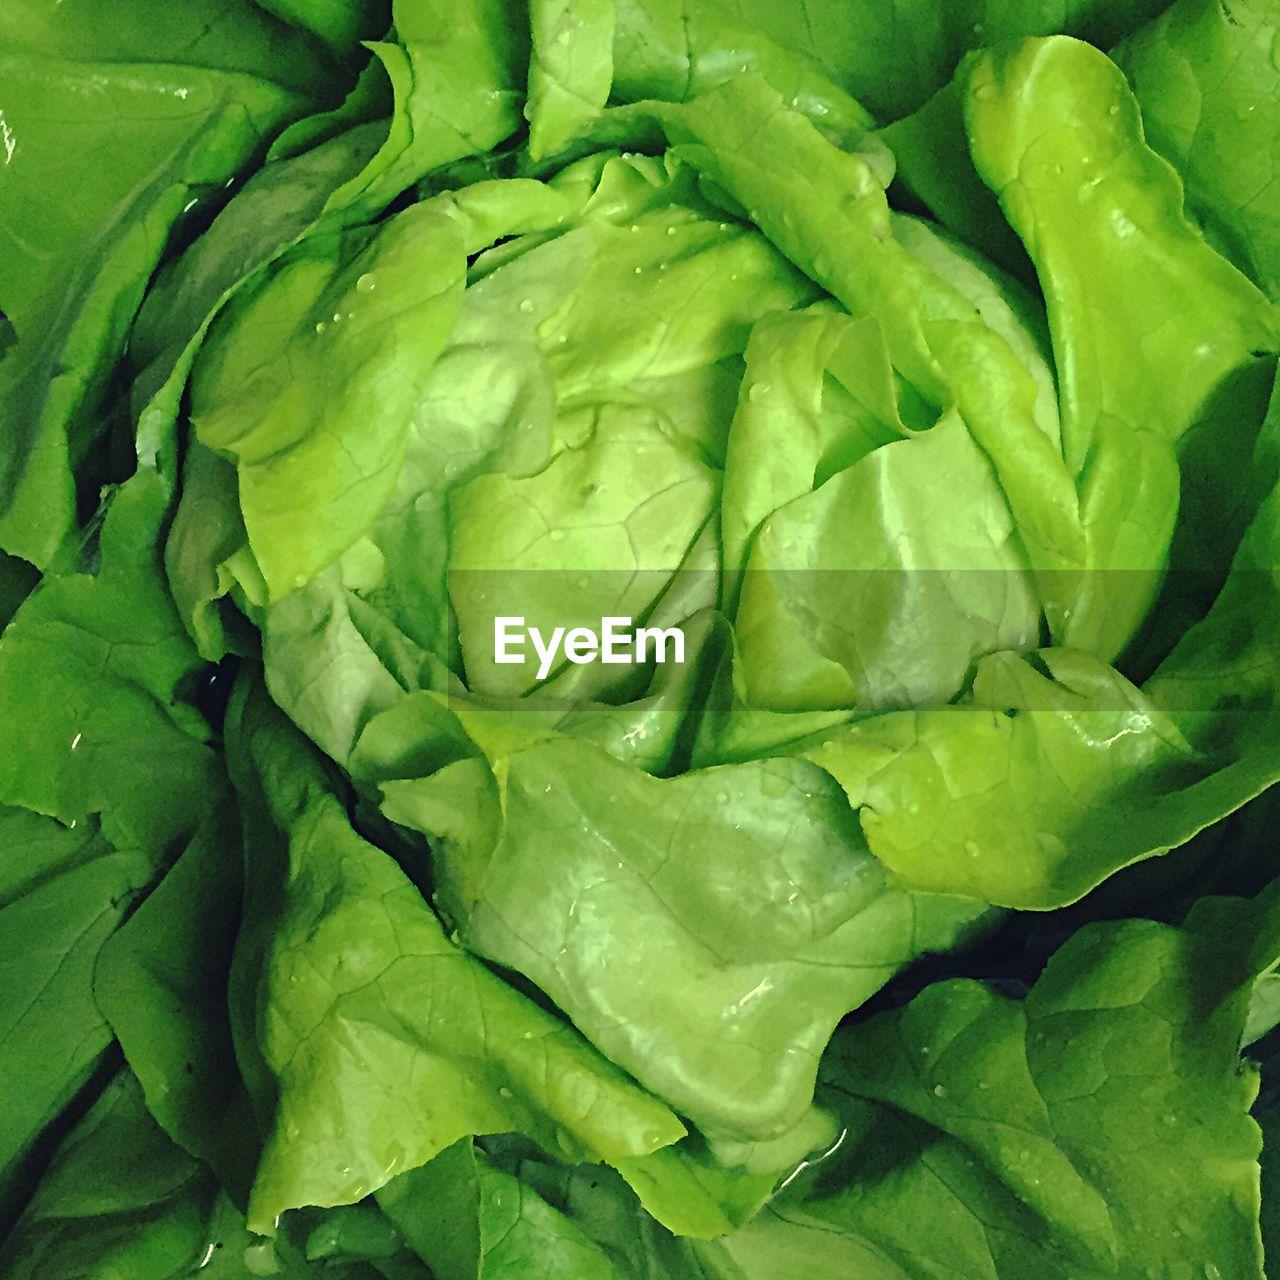 Full Frame Shot Of Wet Lettuce